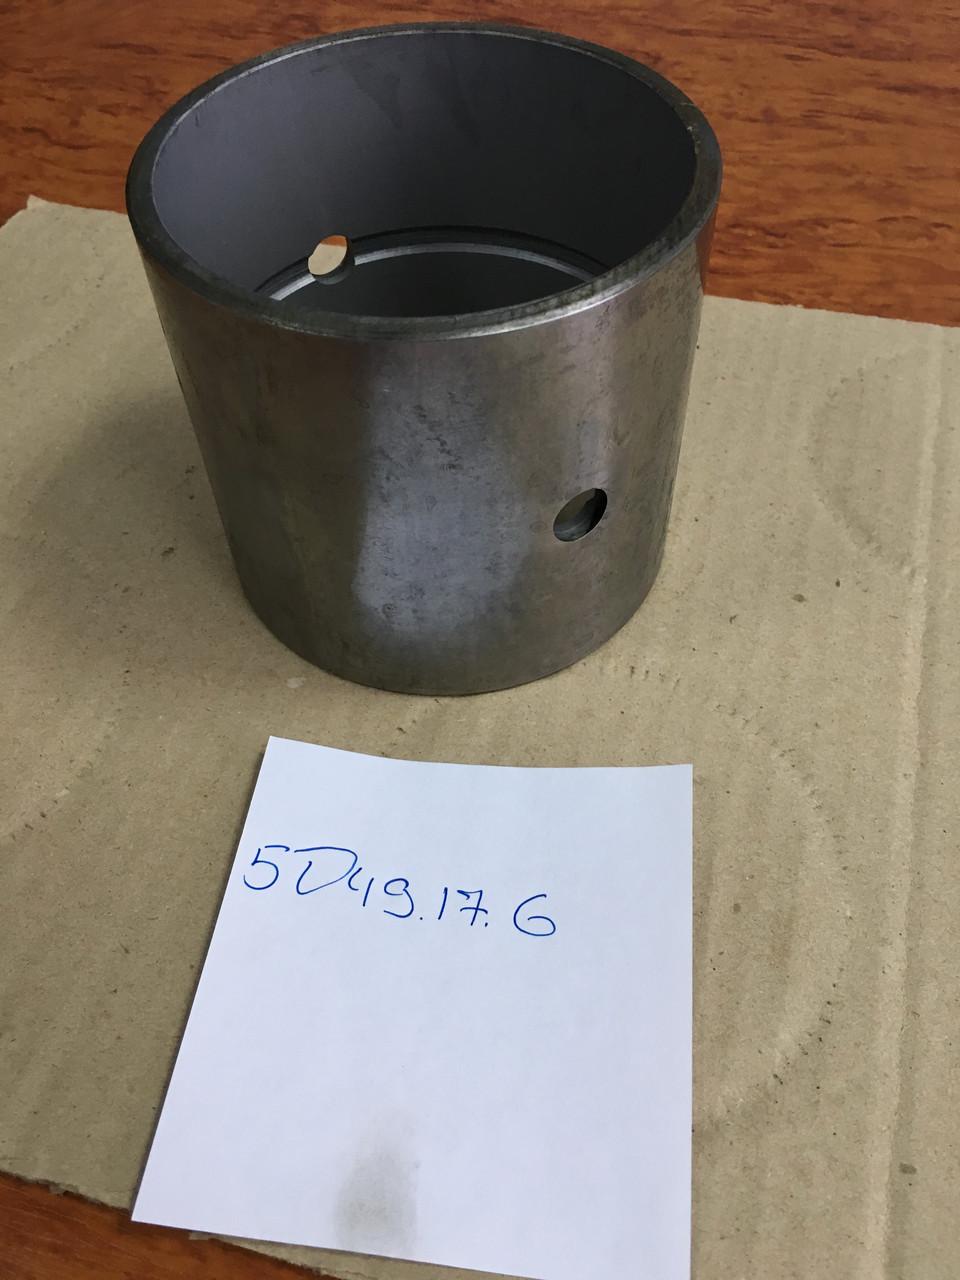 Втулка поршневая 5Д49.17.6 СБ